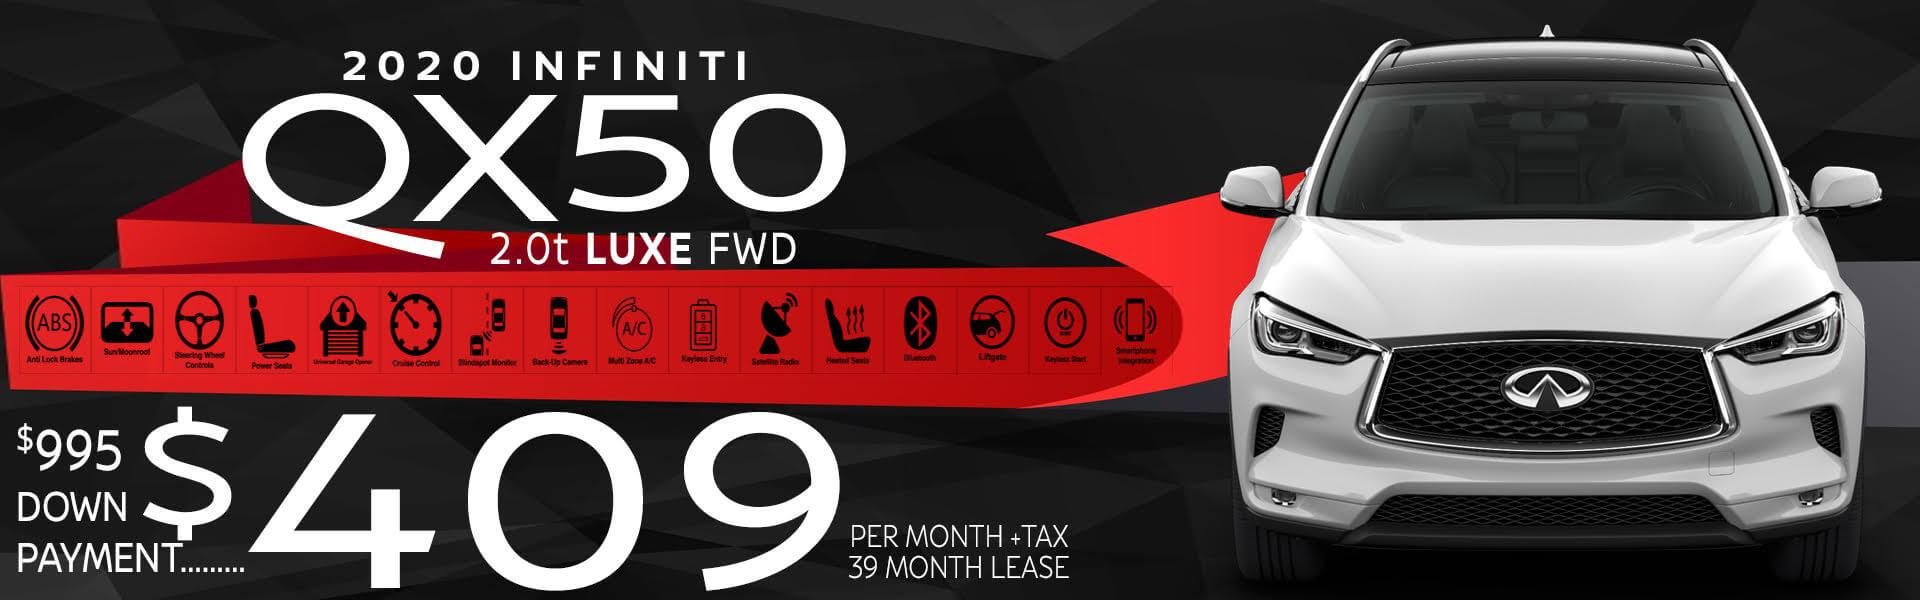 QX50 HP Offer